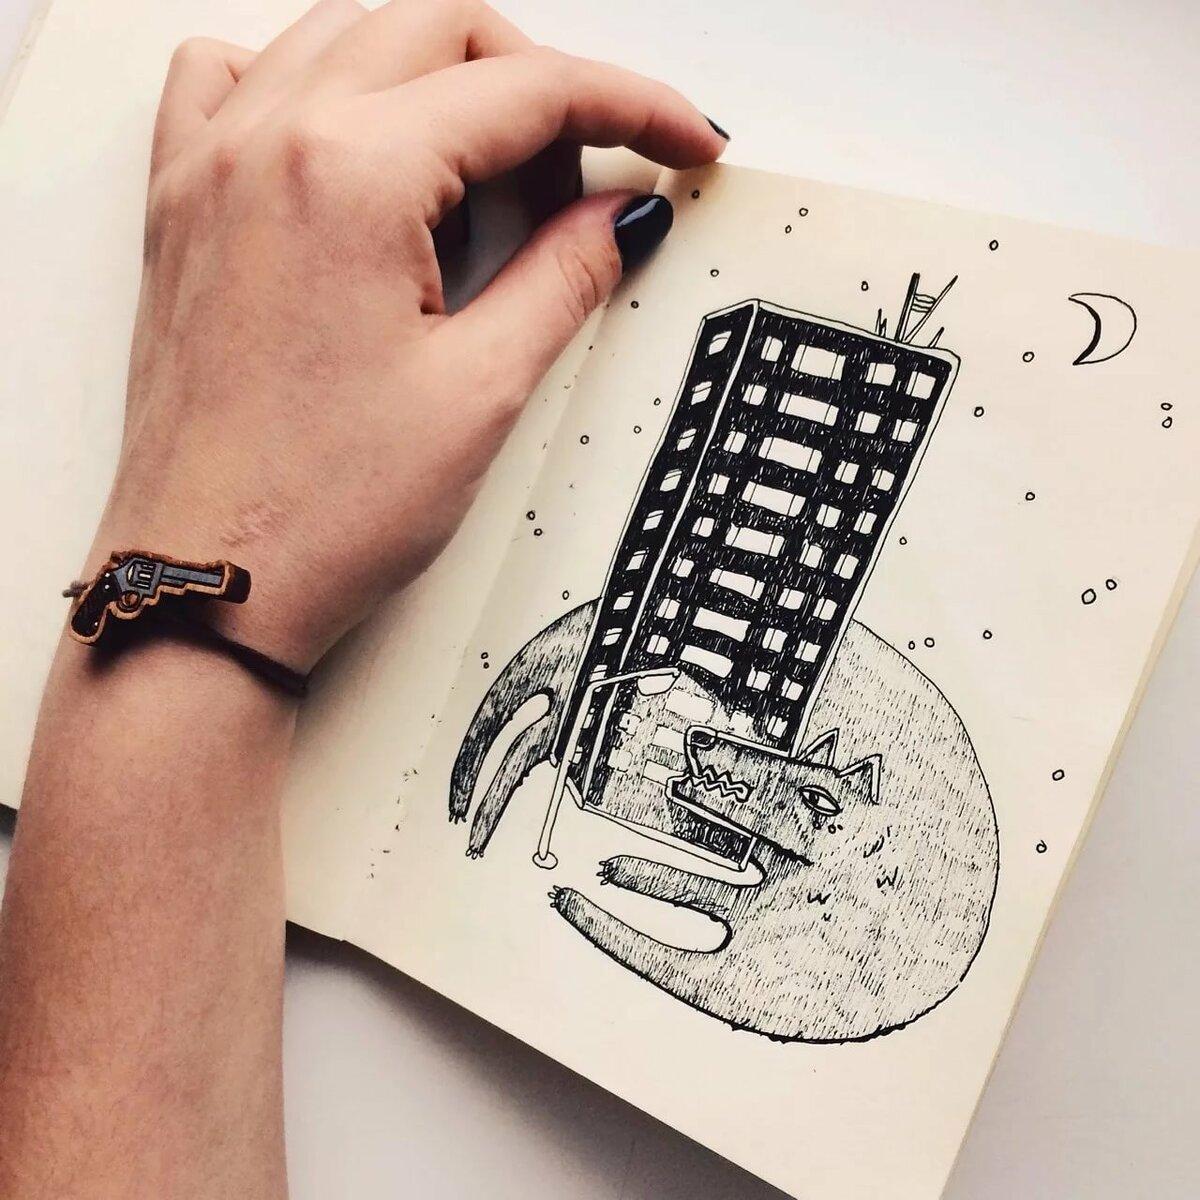 бриллиантов картинки идеи для скетчбука черной ручкой легко это просто шоколадный